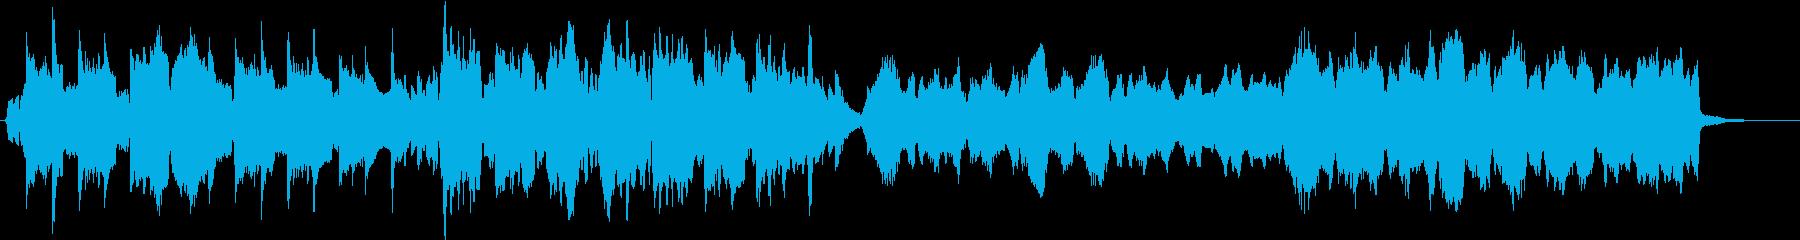 ほのぼとした描写スケッチオーケストラの再生済みの波形